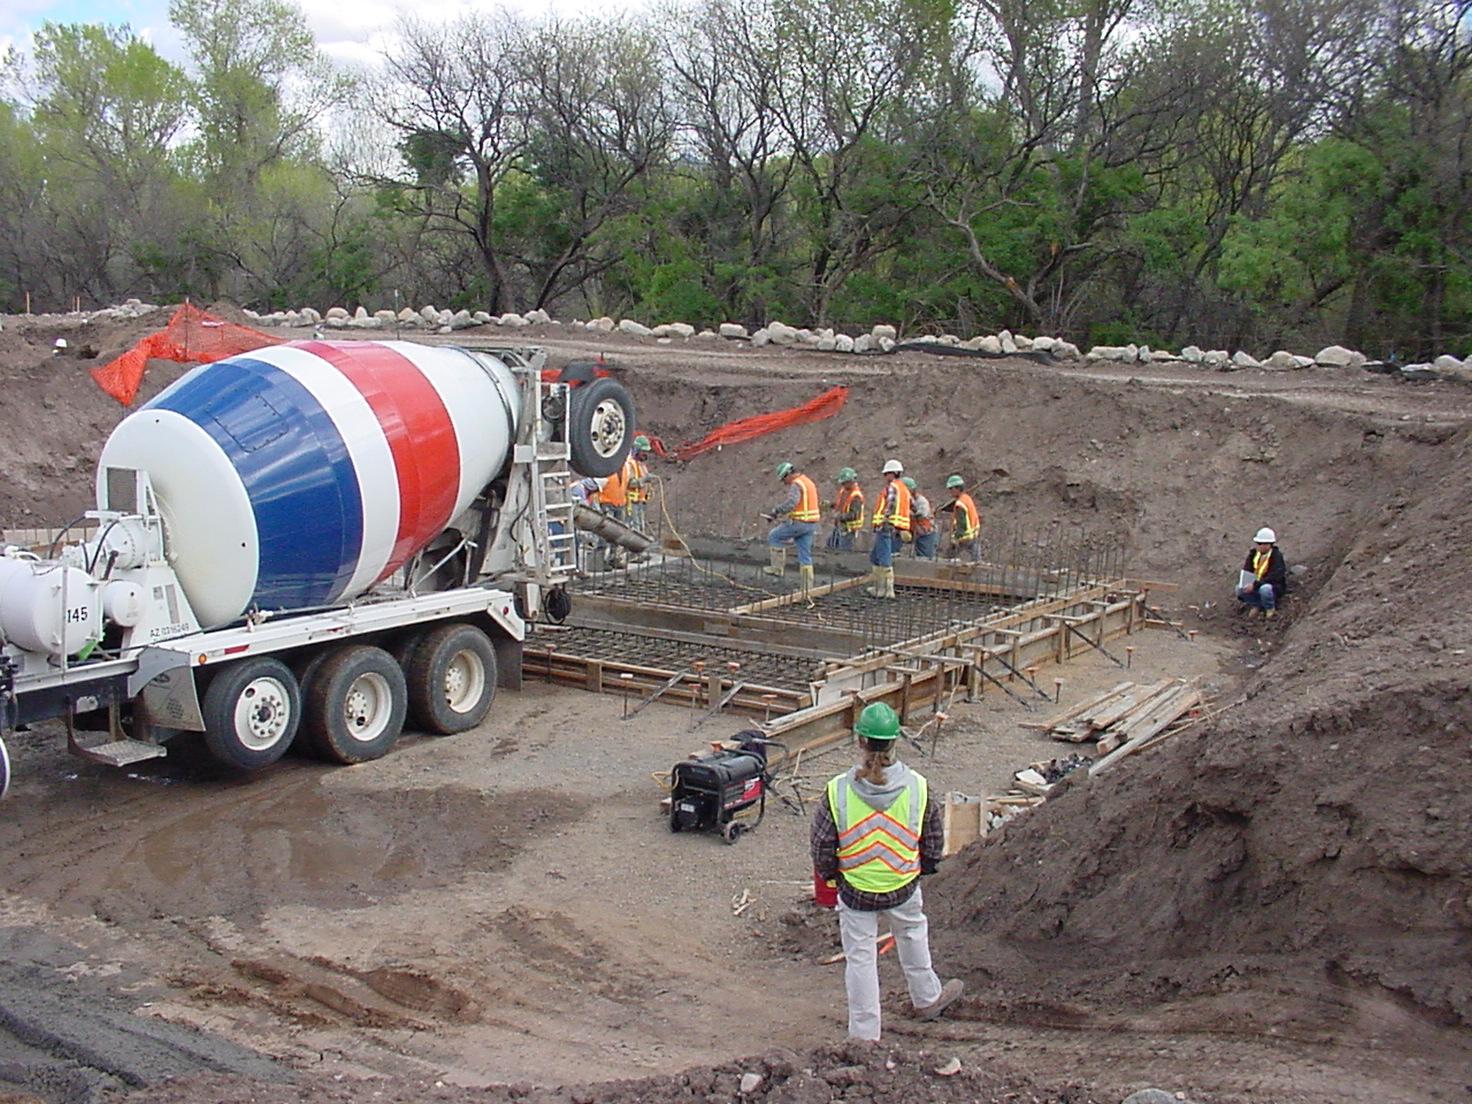 Wastewater Treatment Plant, Tubac, Arizona